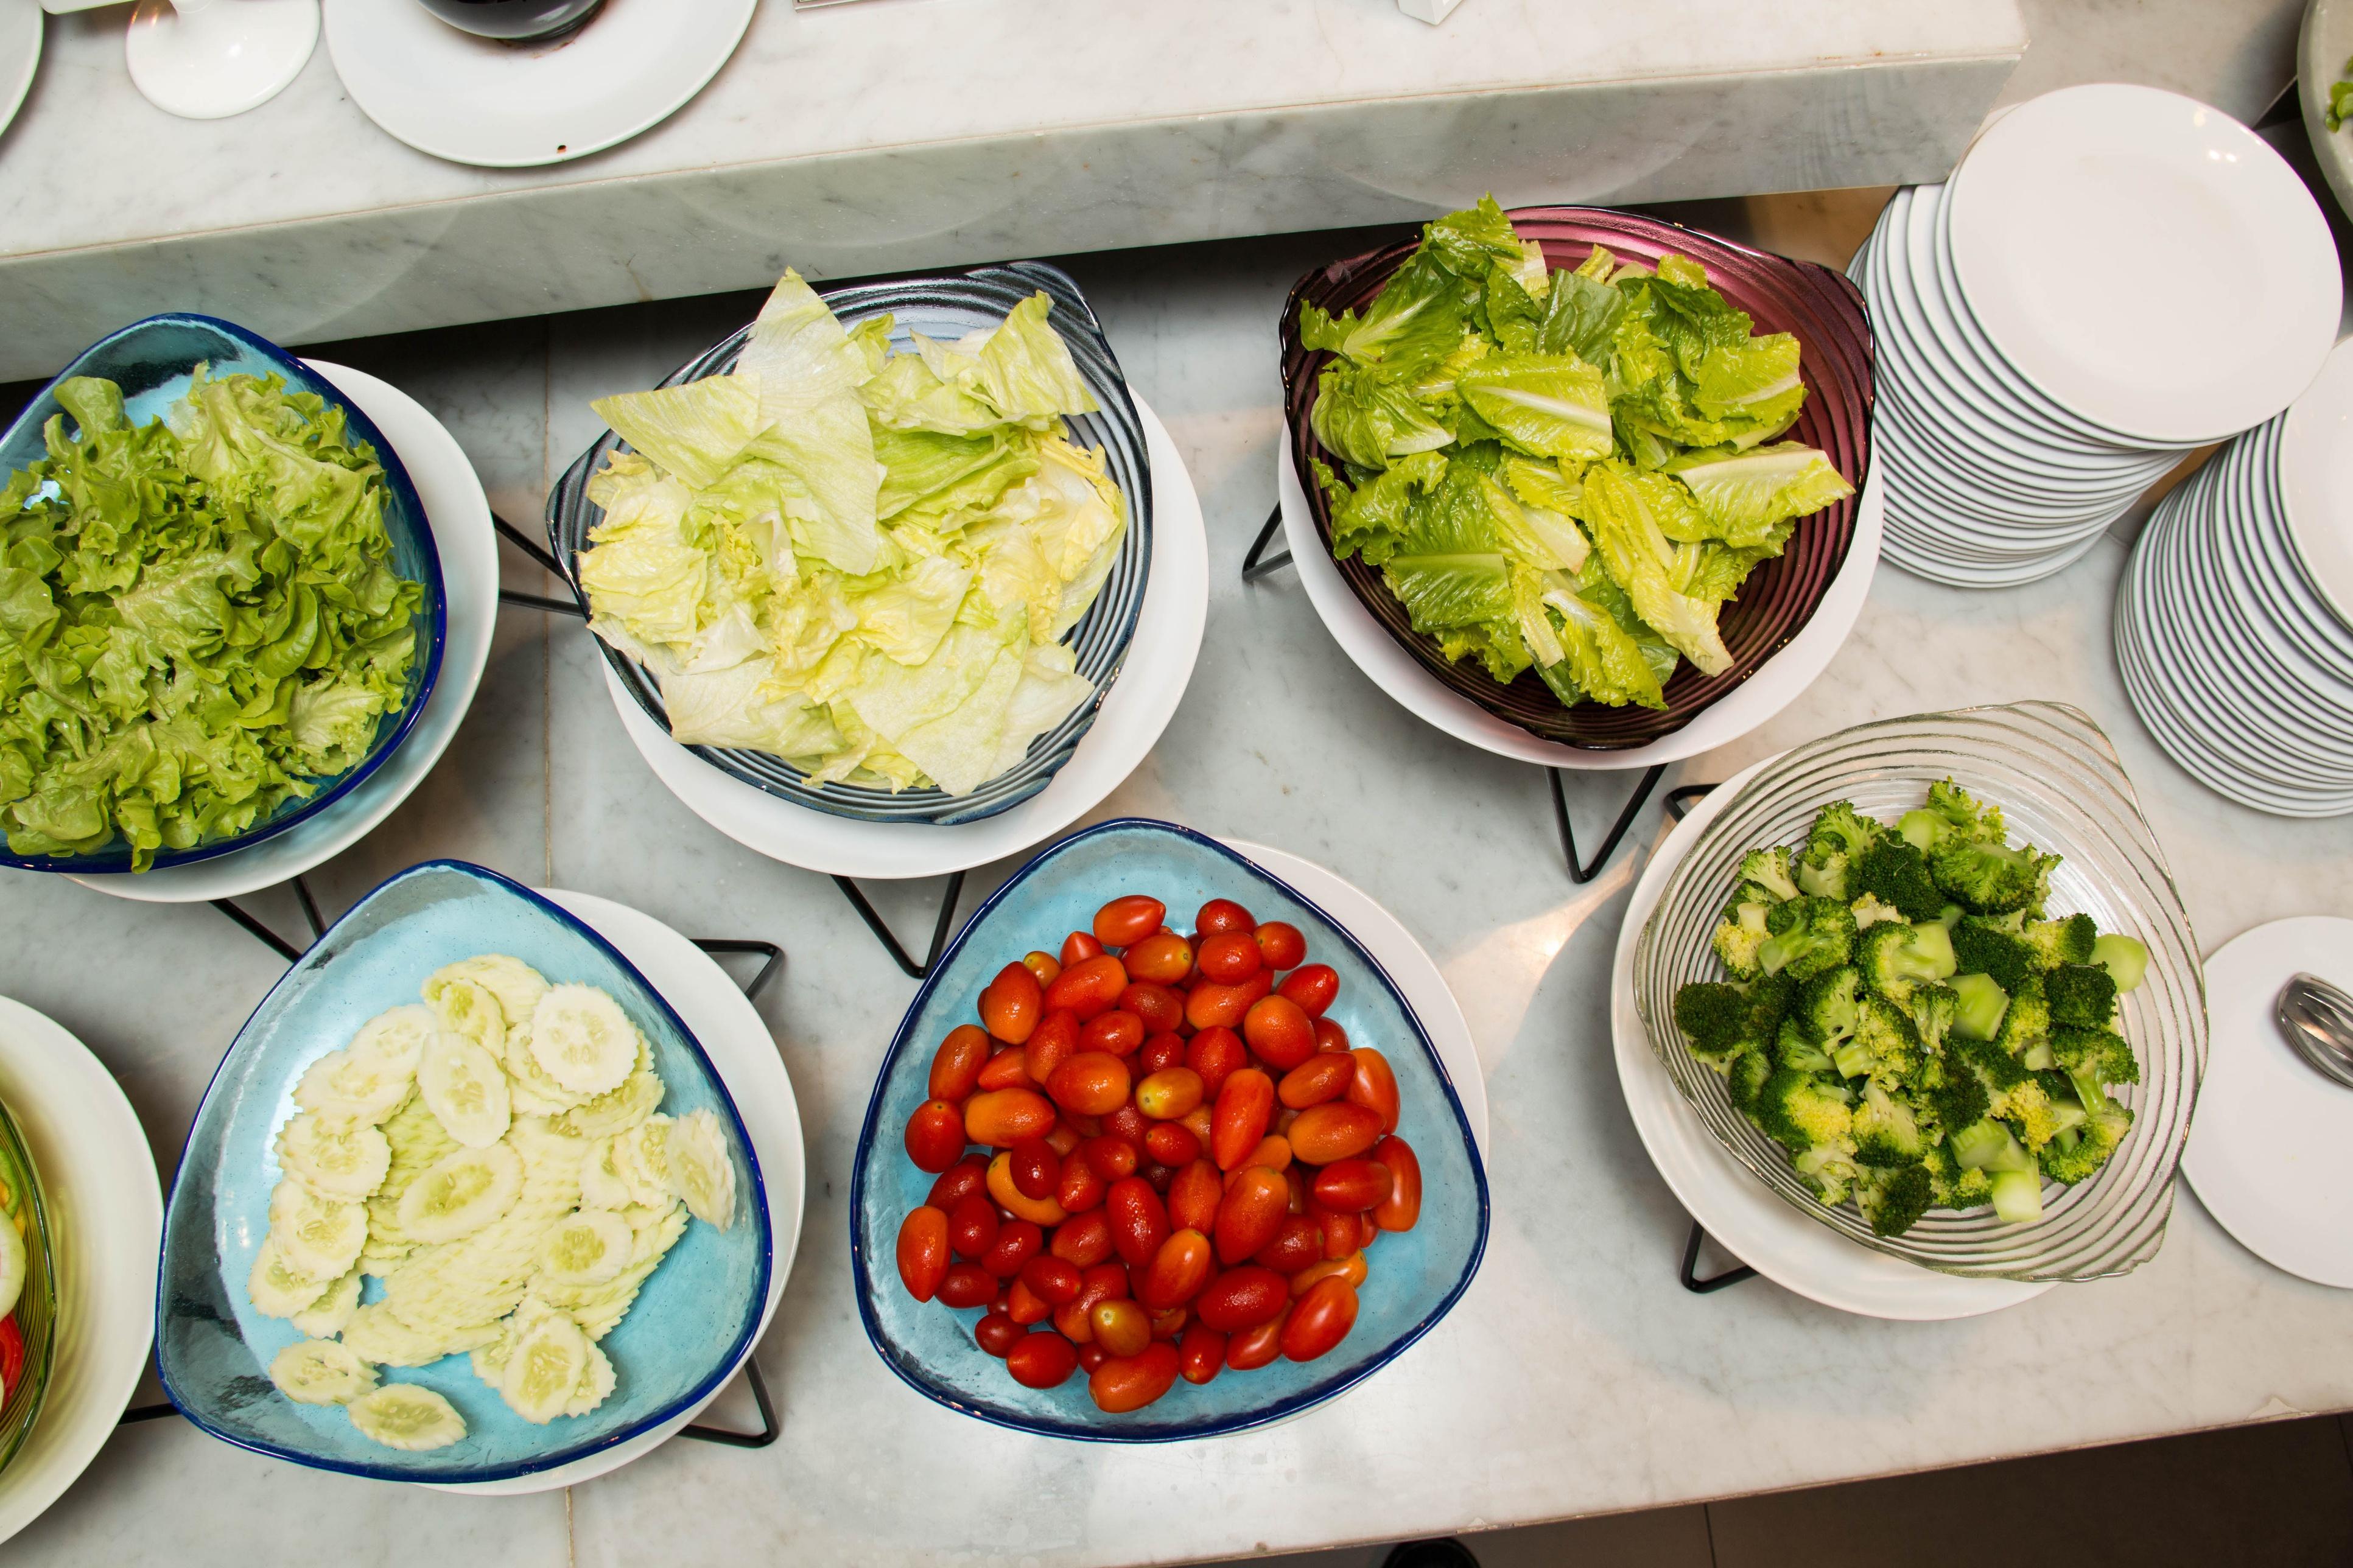 meal ingredients